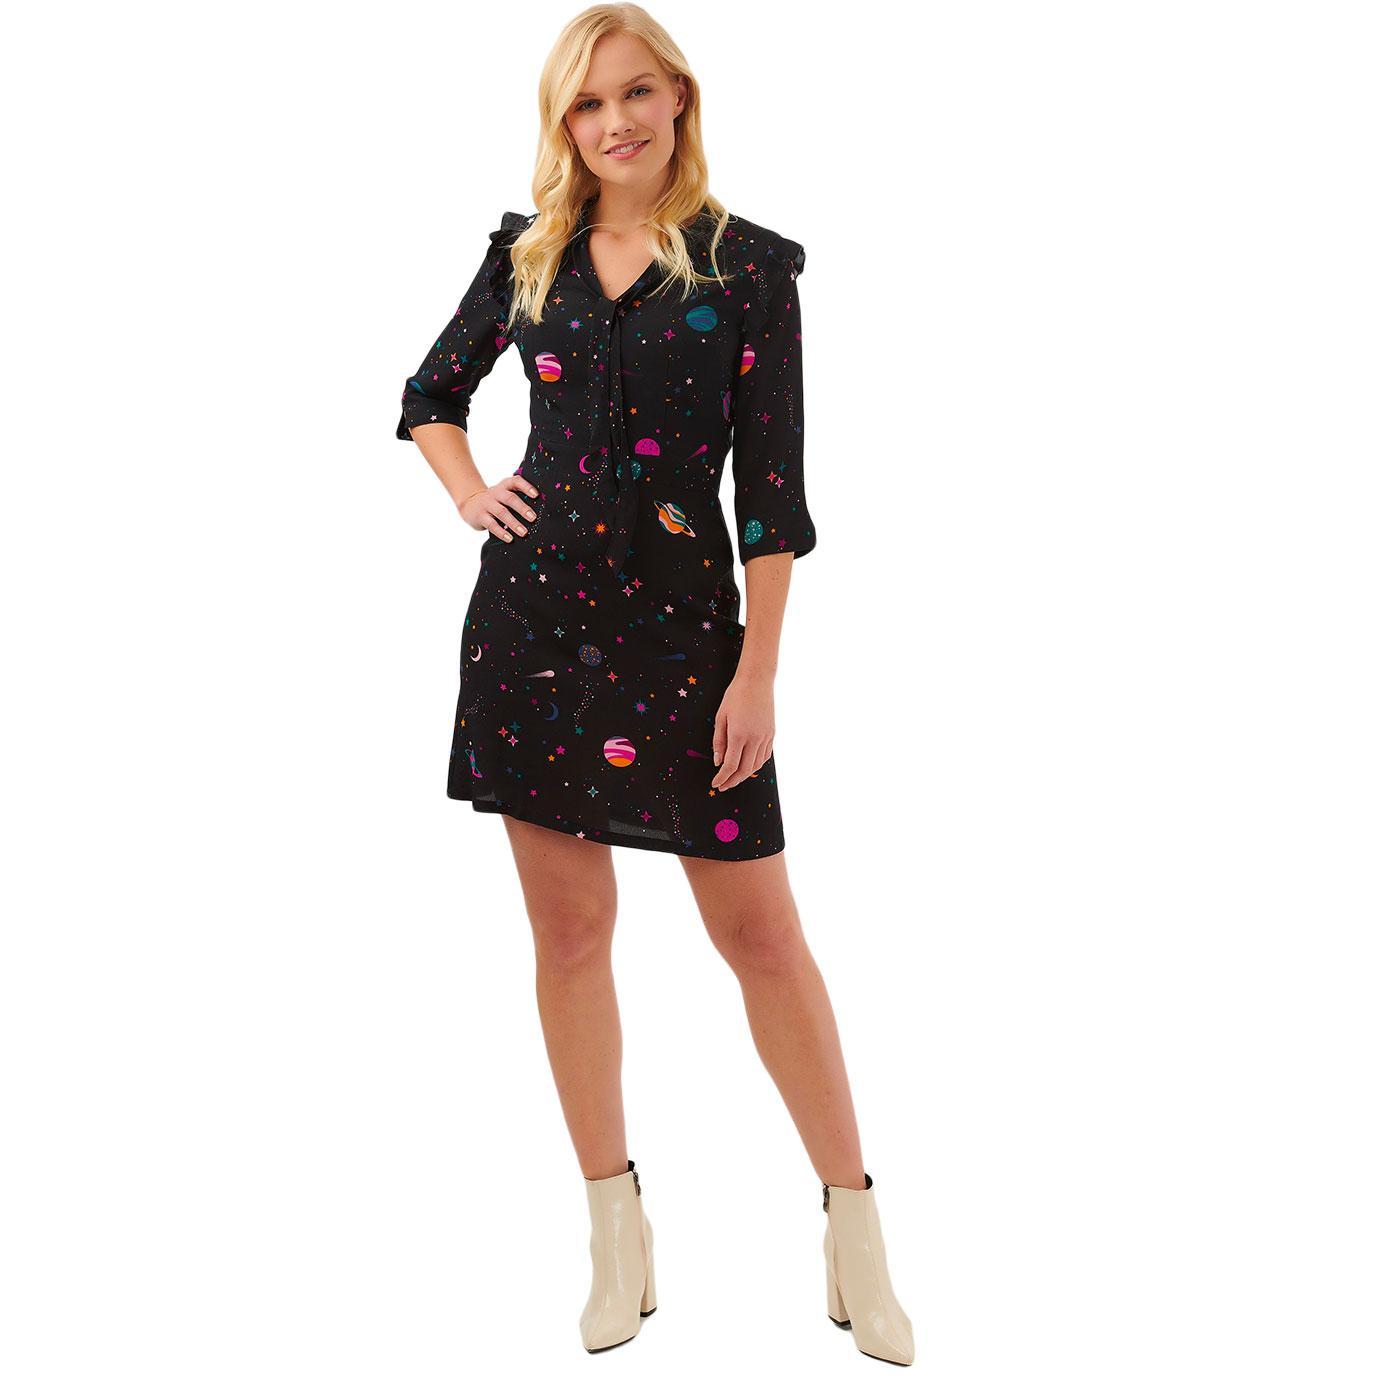 Maeve SUGARHILL Retro Cyber Candy Print Mini Dress